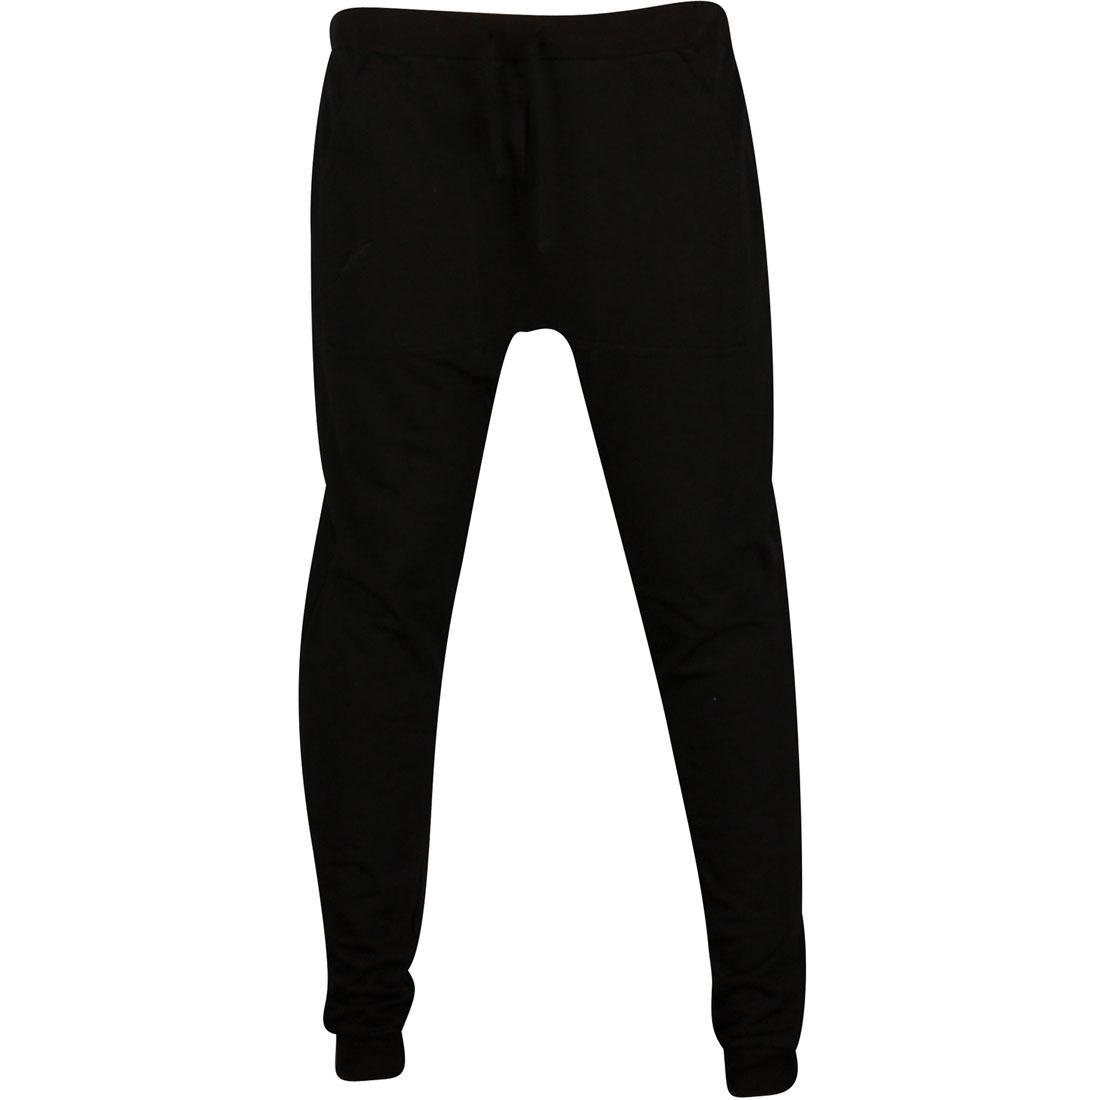 パブリッシュ フリース 黒 ブラック 【 BLACK PUBLISH COLINSON LIGHT WEIGHT FLEECE SLOUCH STYLE PANTS 】 メンズファッション ズボン パンツ